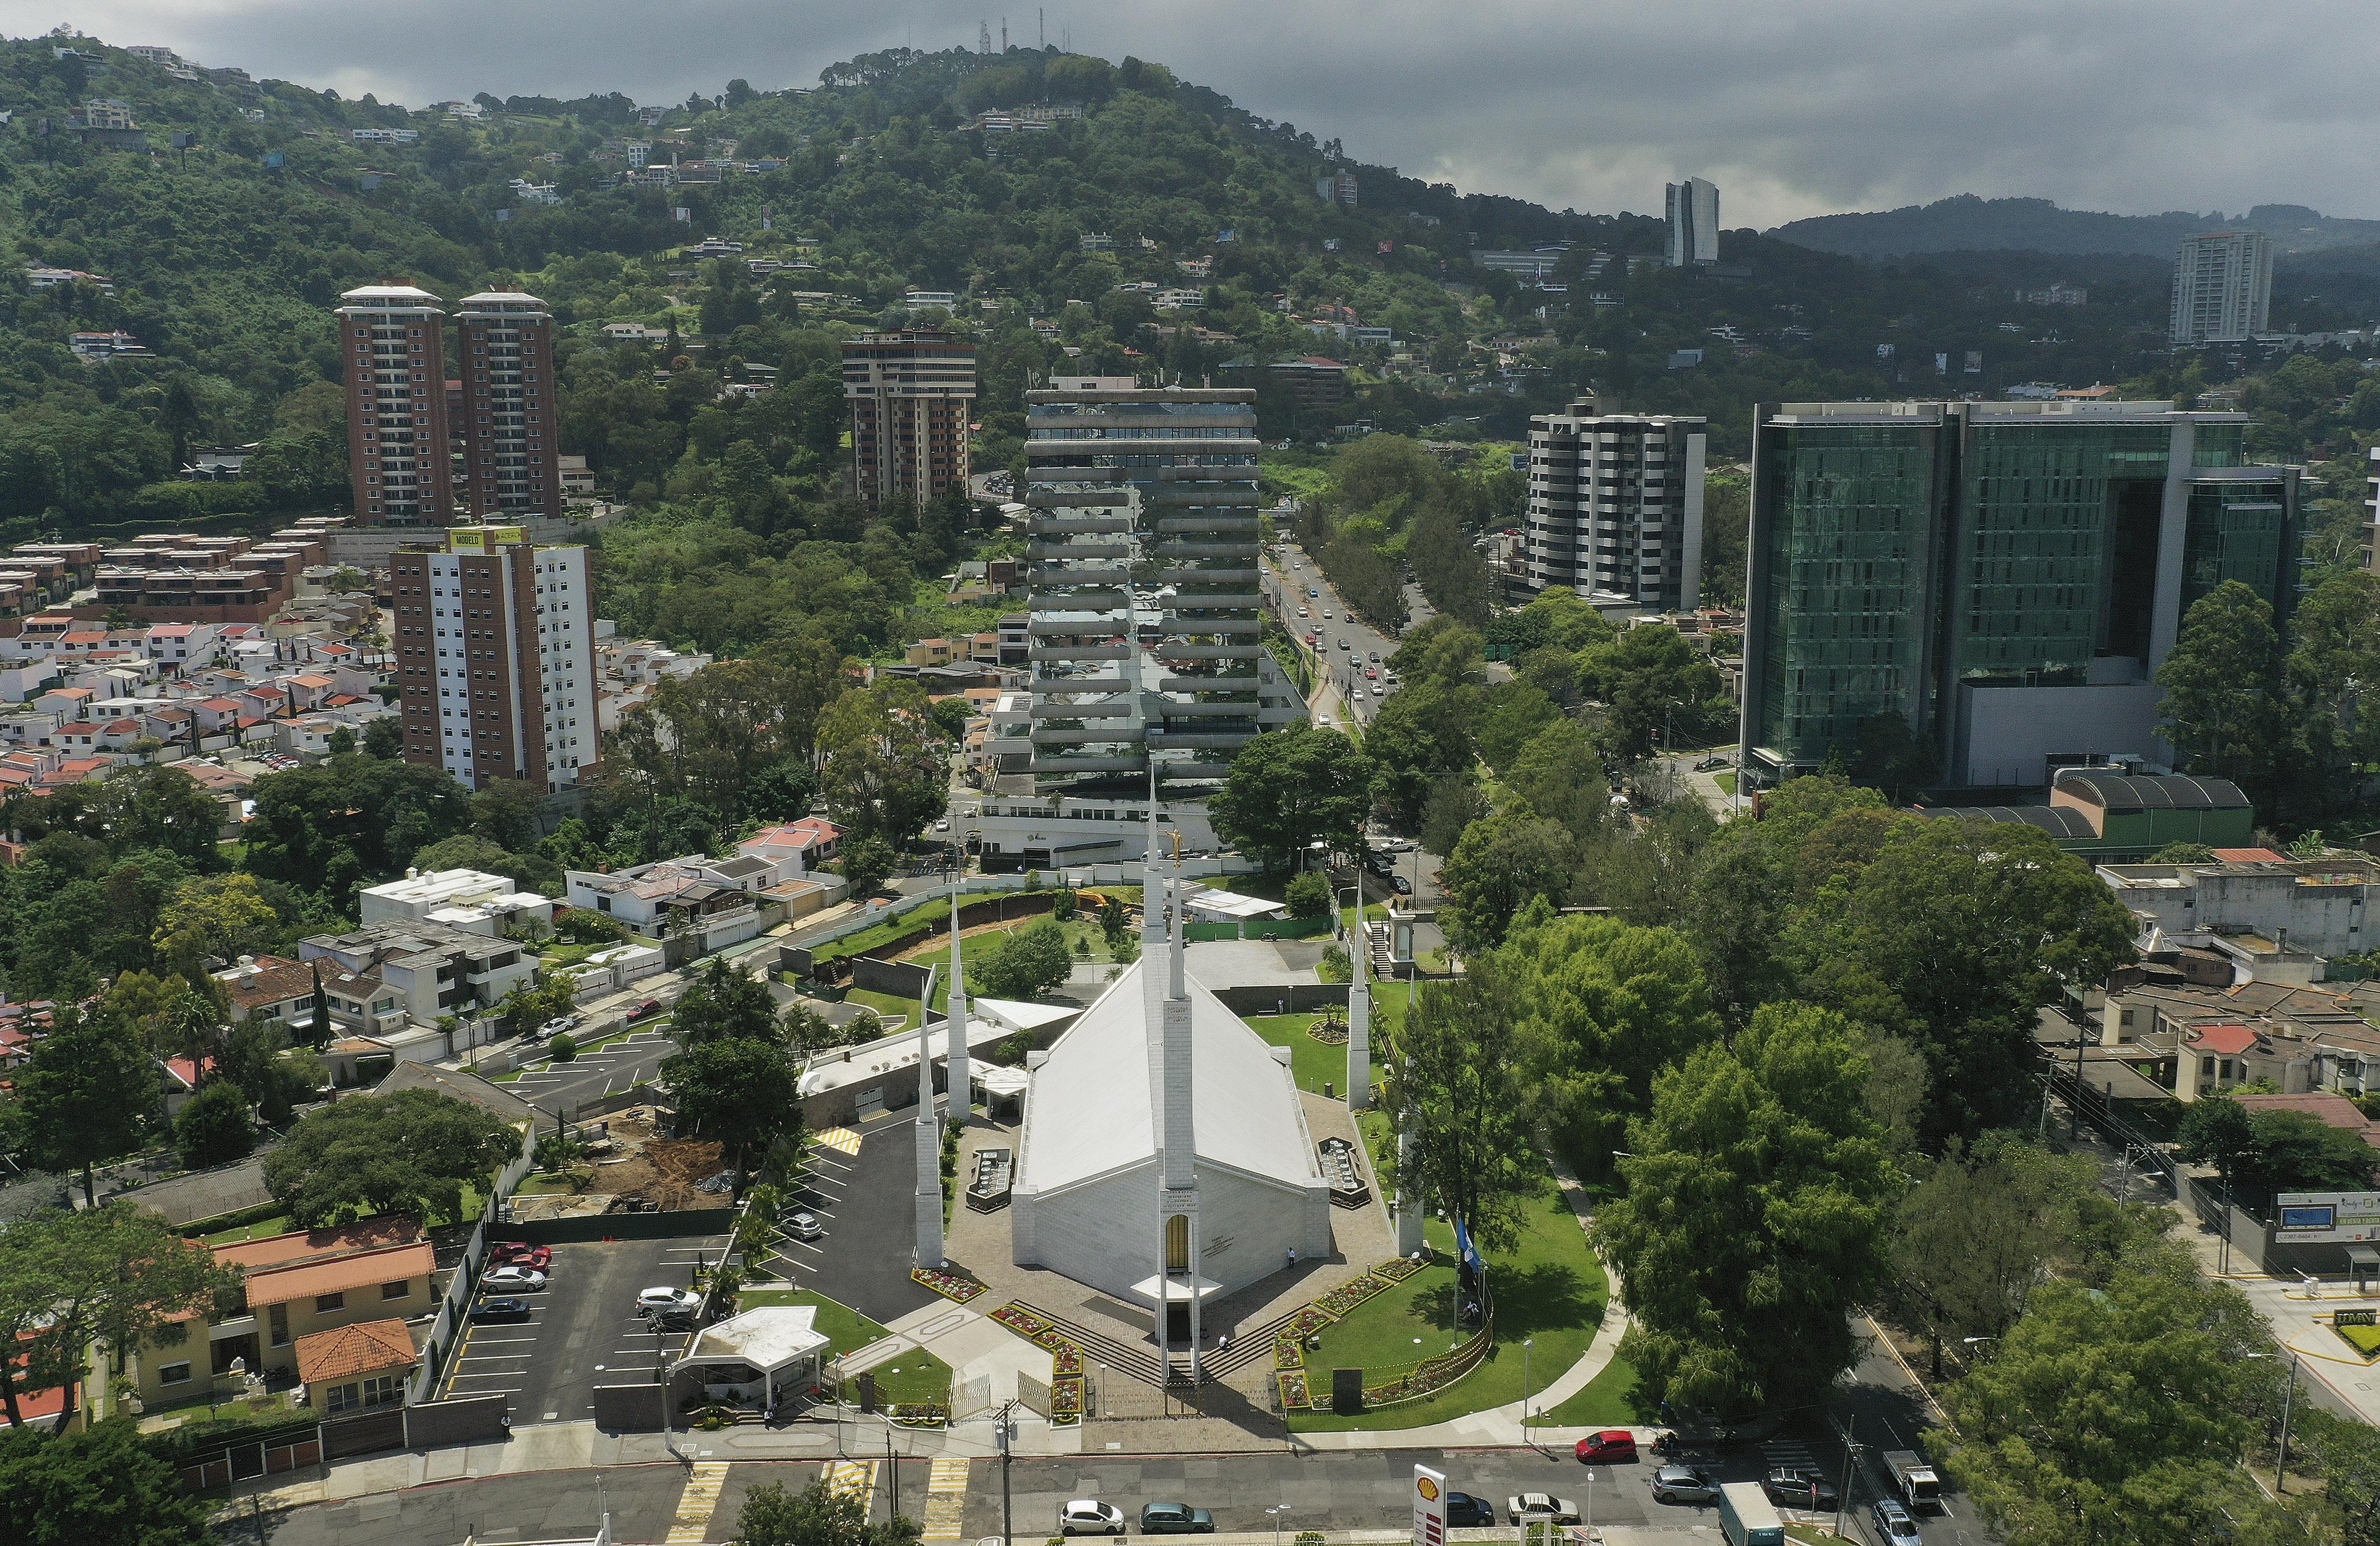 O Templo da Cidade da Guatemala Guatemala no sábado, 24 de agosto de 2019. O presidente Russell M. Nelson de A Igreja de Jesus Cristo dos Santos dos Últimos Dias falou em um devocional na Cidade da Guatemala.